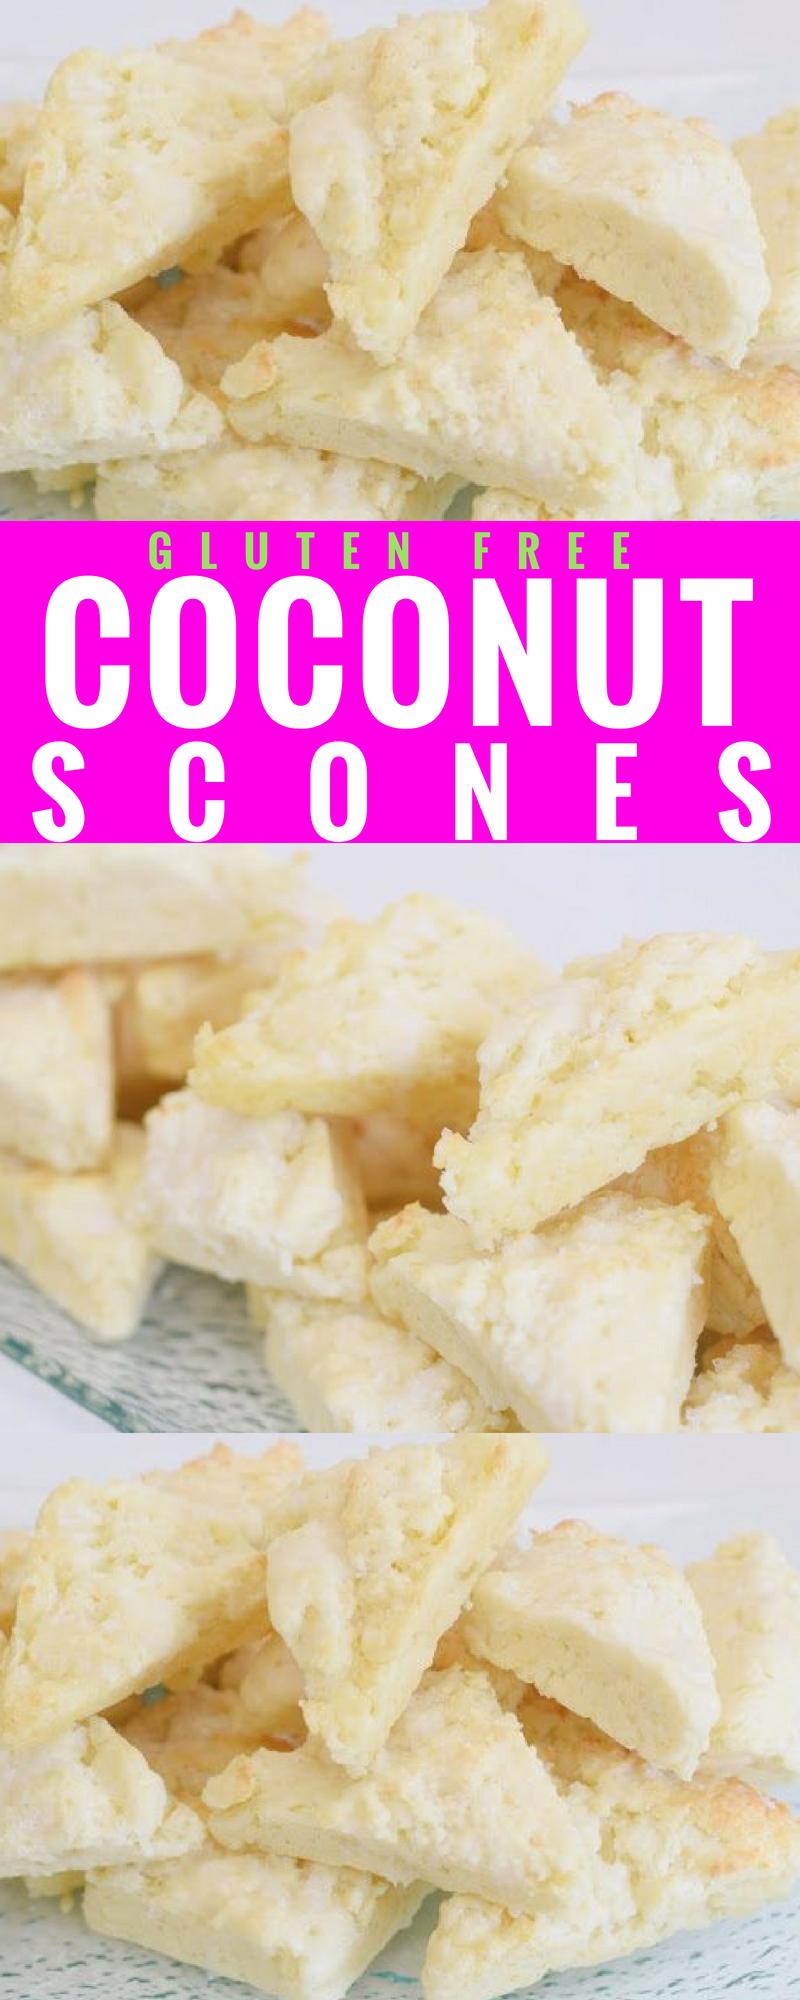 Gluten Free Coconut Scones - A delicious recipe for gluten free + moist, coconut scones! #glutenfree #breakfast #coconut #coconutscones #glutenfreebreakfast #glutenfreedessert #recipe